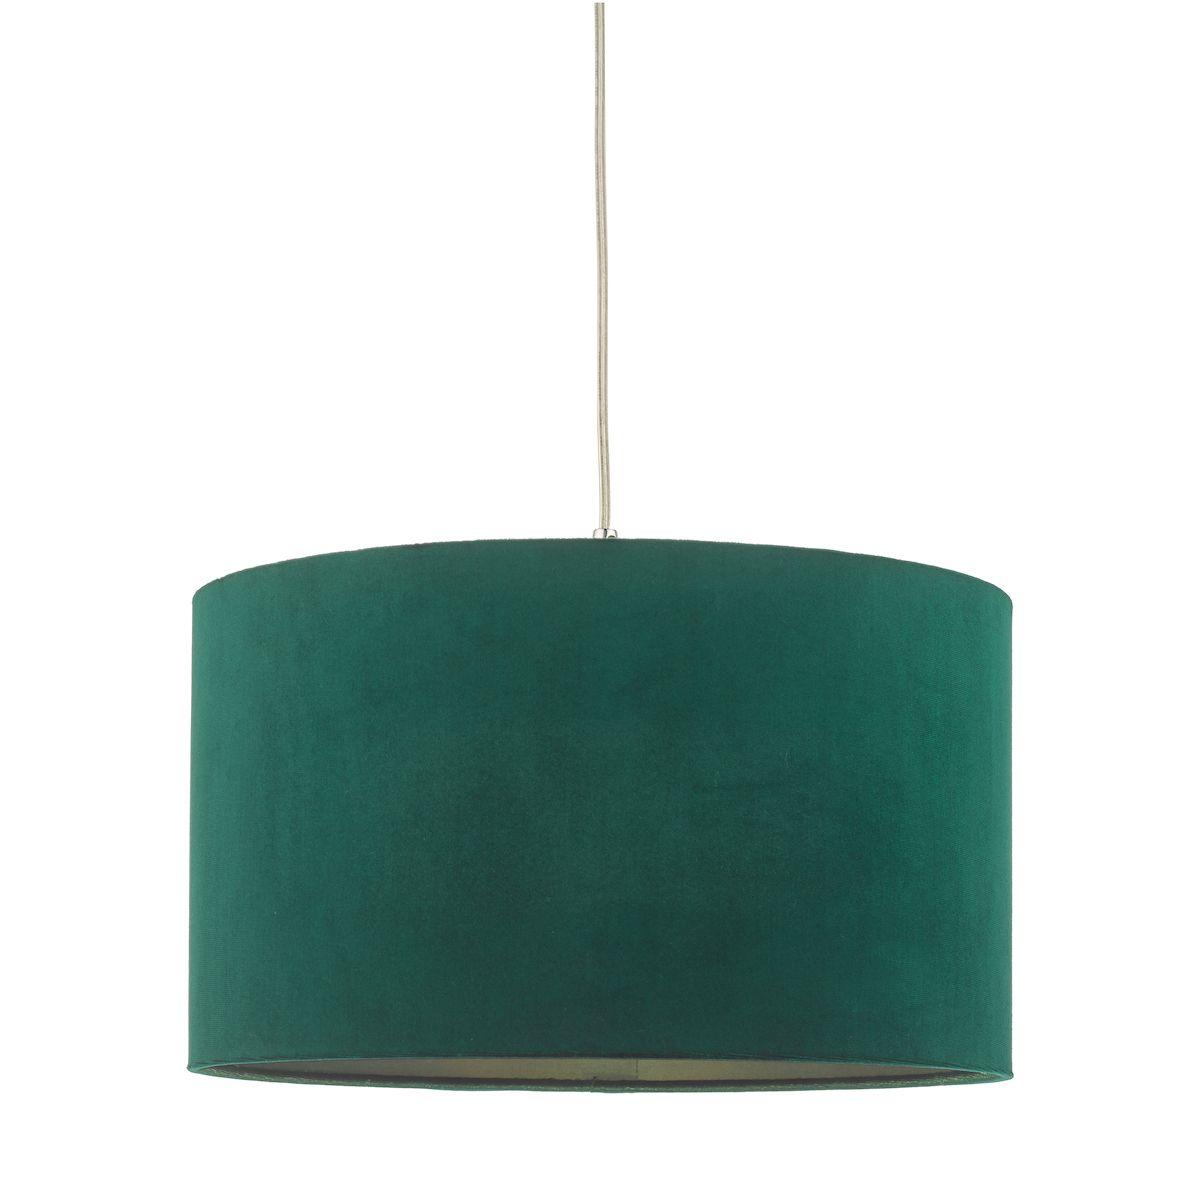 zielony welurowy abażur